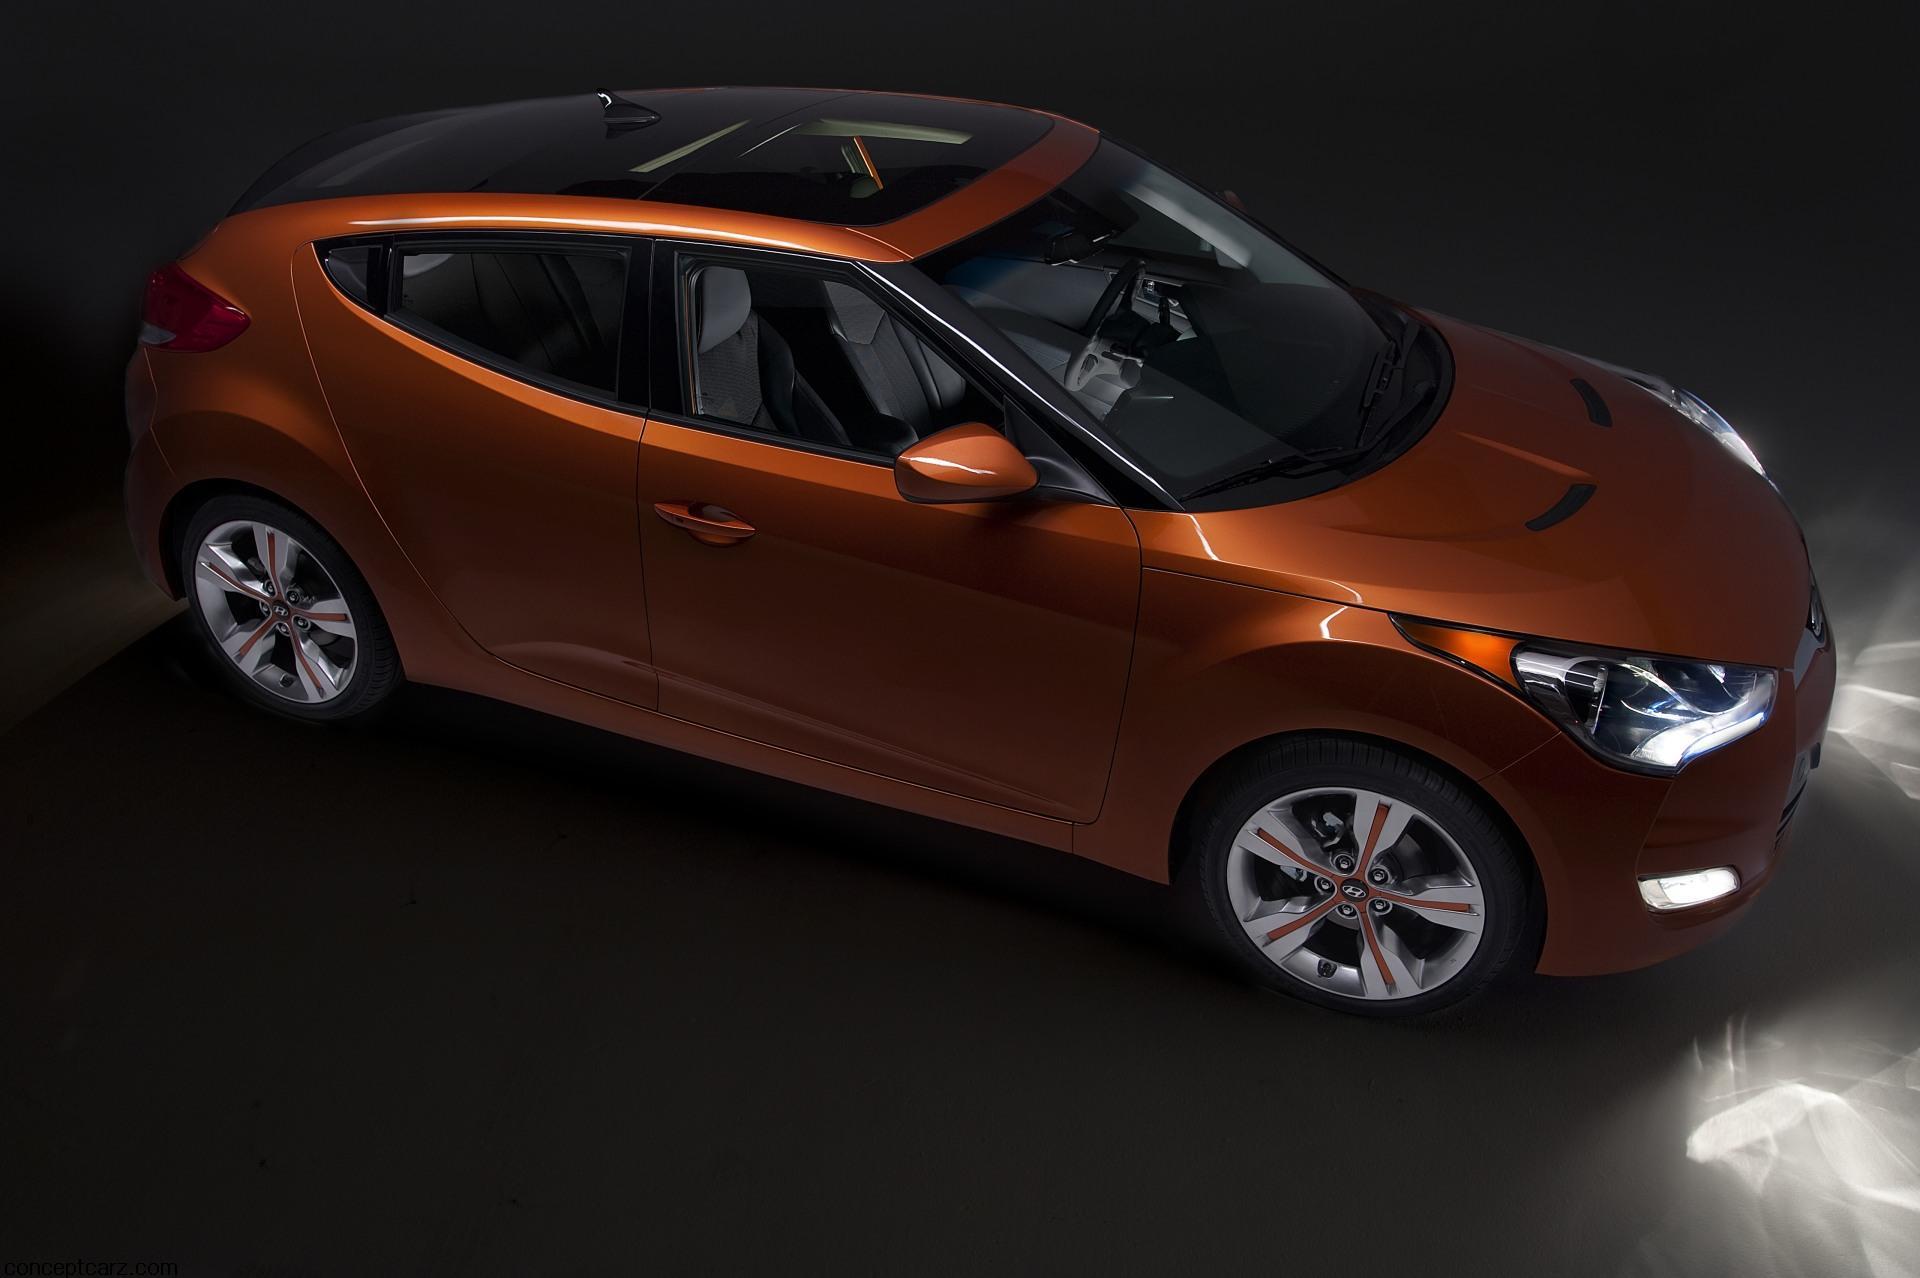 & 2012 Hyundai Veloster News and Information   conceptcarz.com